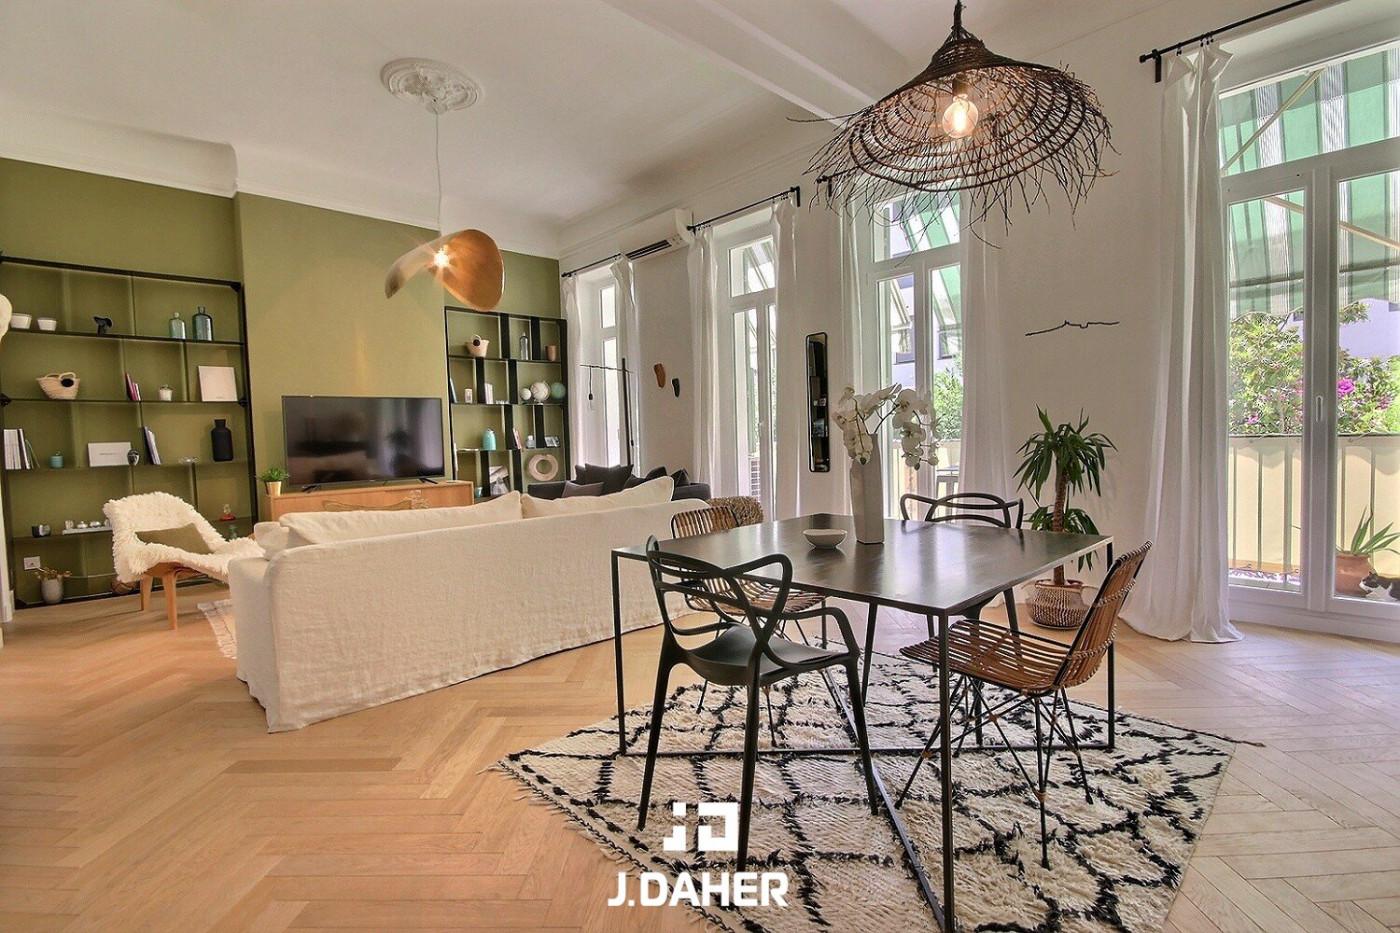 A vendre  Marseille 8eme Arrondissement   Réf 130251088 - J daher immobilier